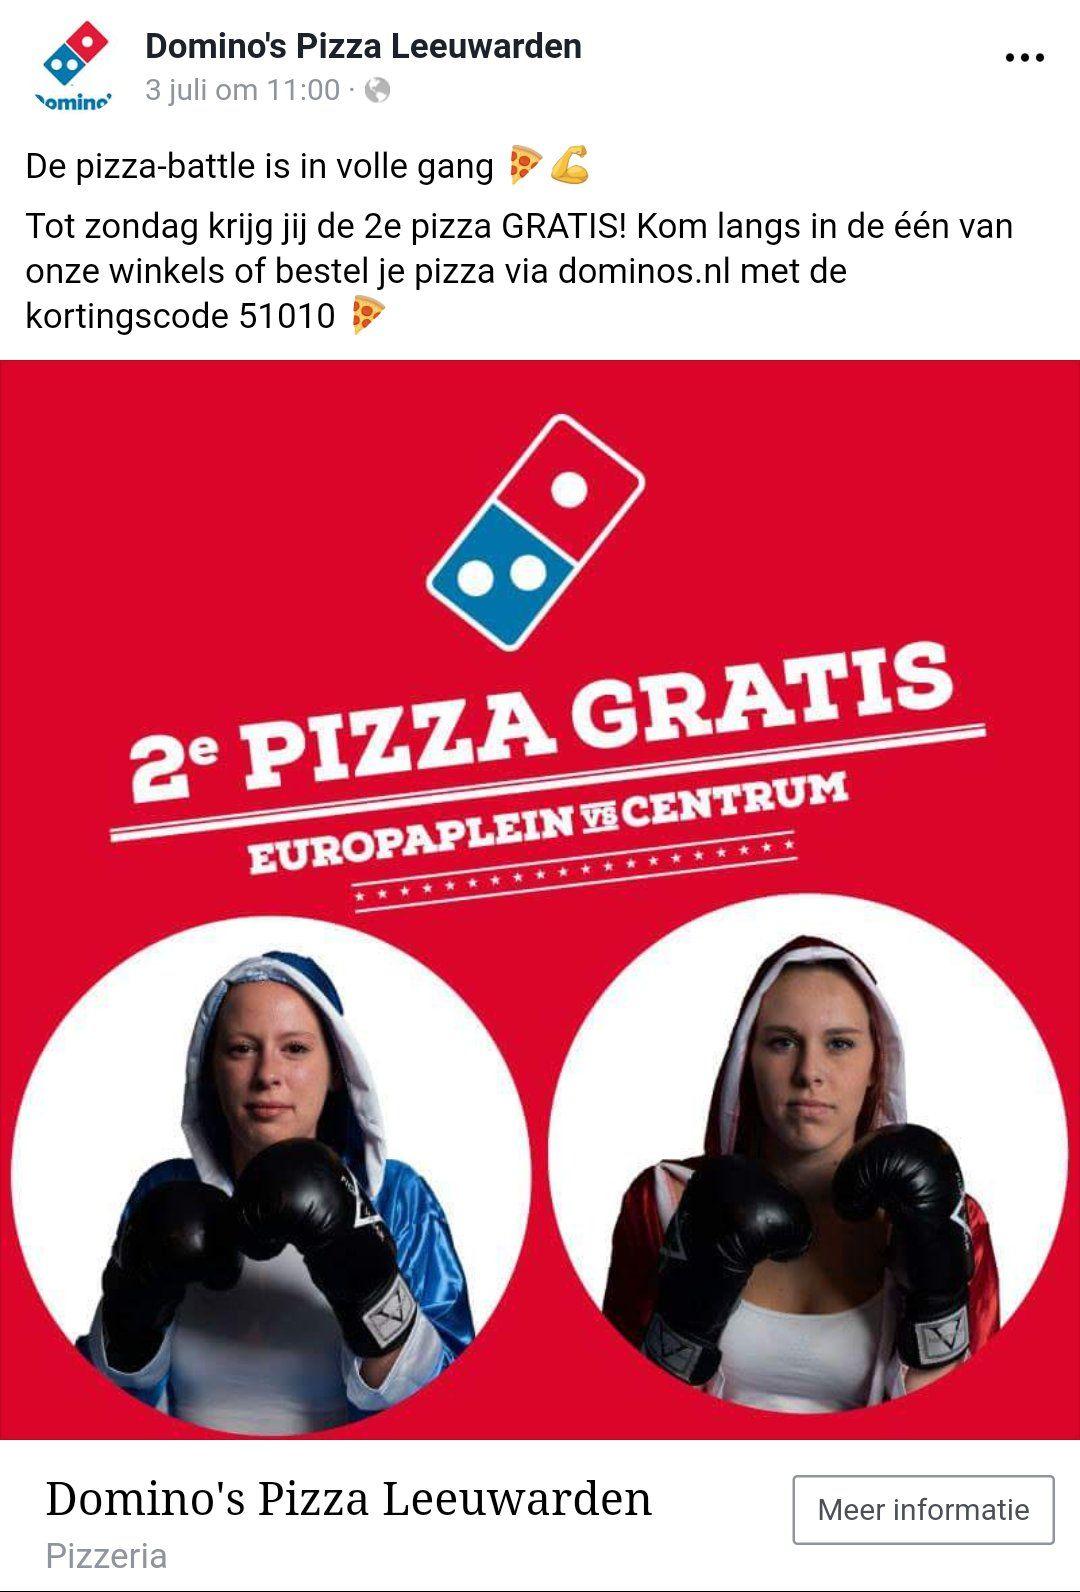 Domino's Leeuwarden pizza battle: 2e pizza gratis met 51010